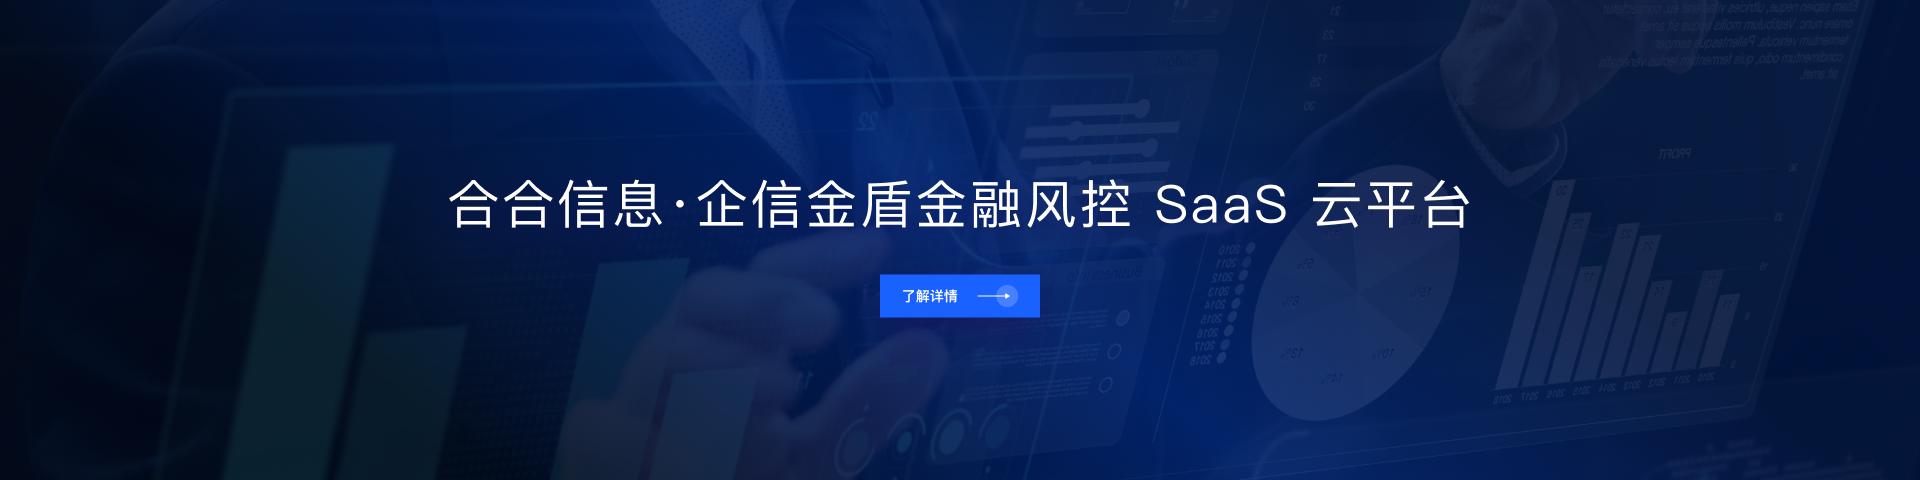 合合信息企信金盾金融风控SaaS云平台